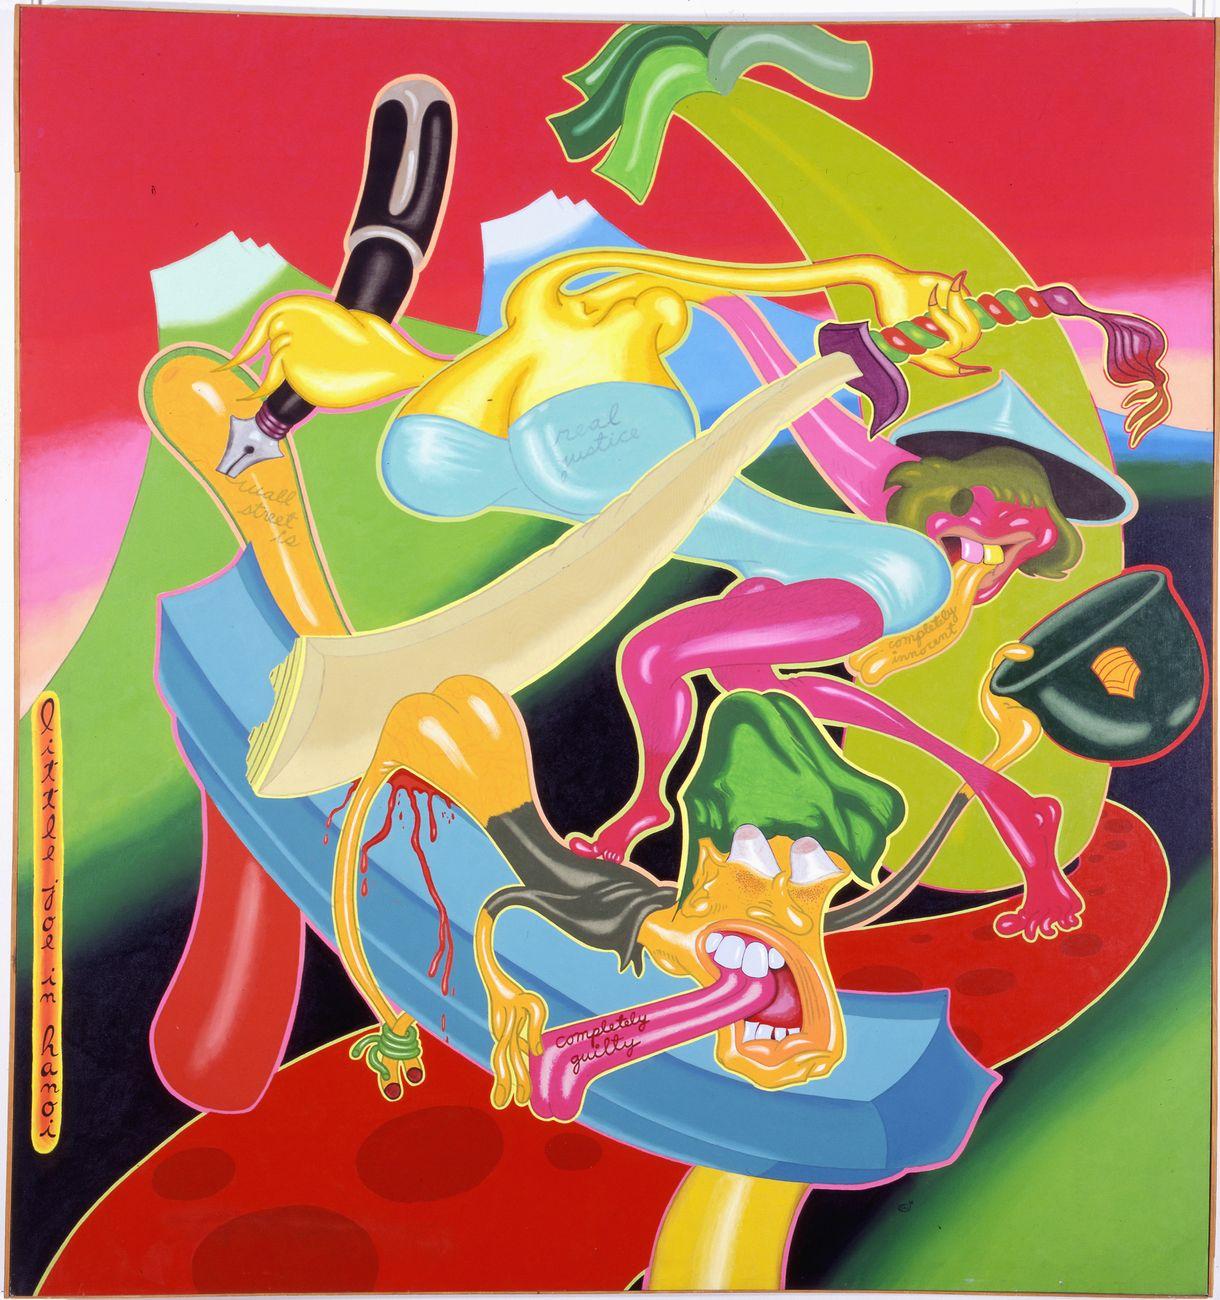 Peter Saul, Little Joe in Hanoï, 1968. Collection Musée des Beaux Arts de Dôle © Peter Saul. Photo Musée des Beaux Arts de Dole, cl. Jean Loup Mathieu